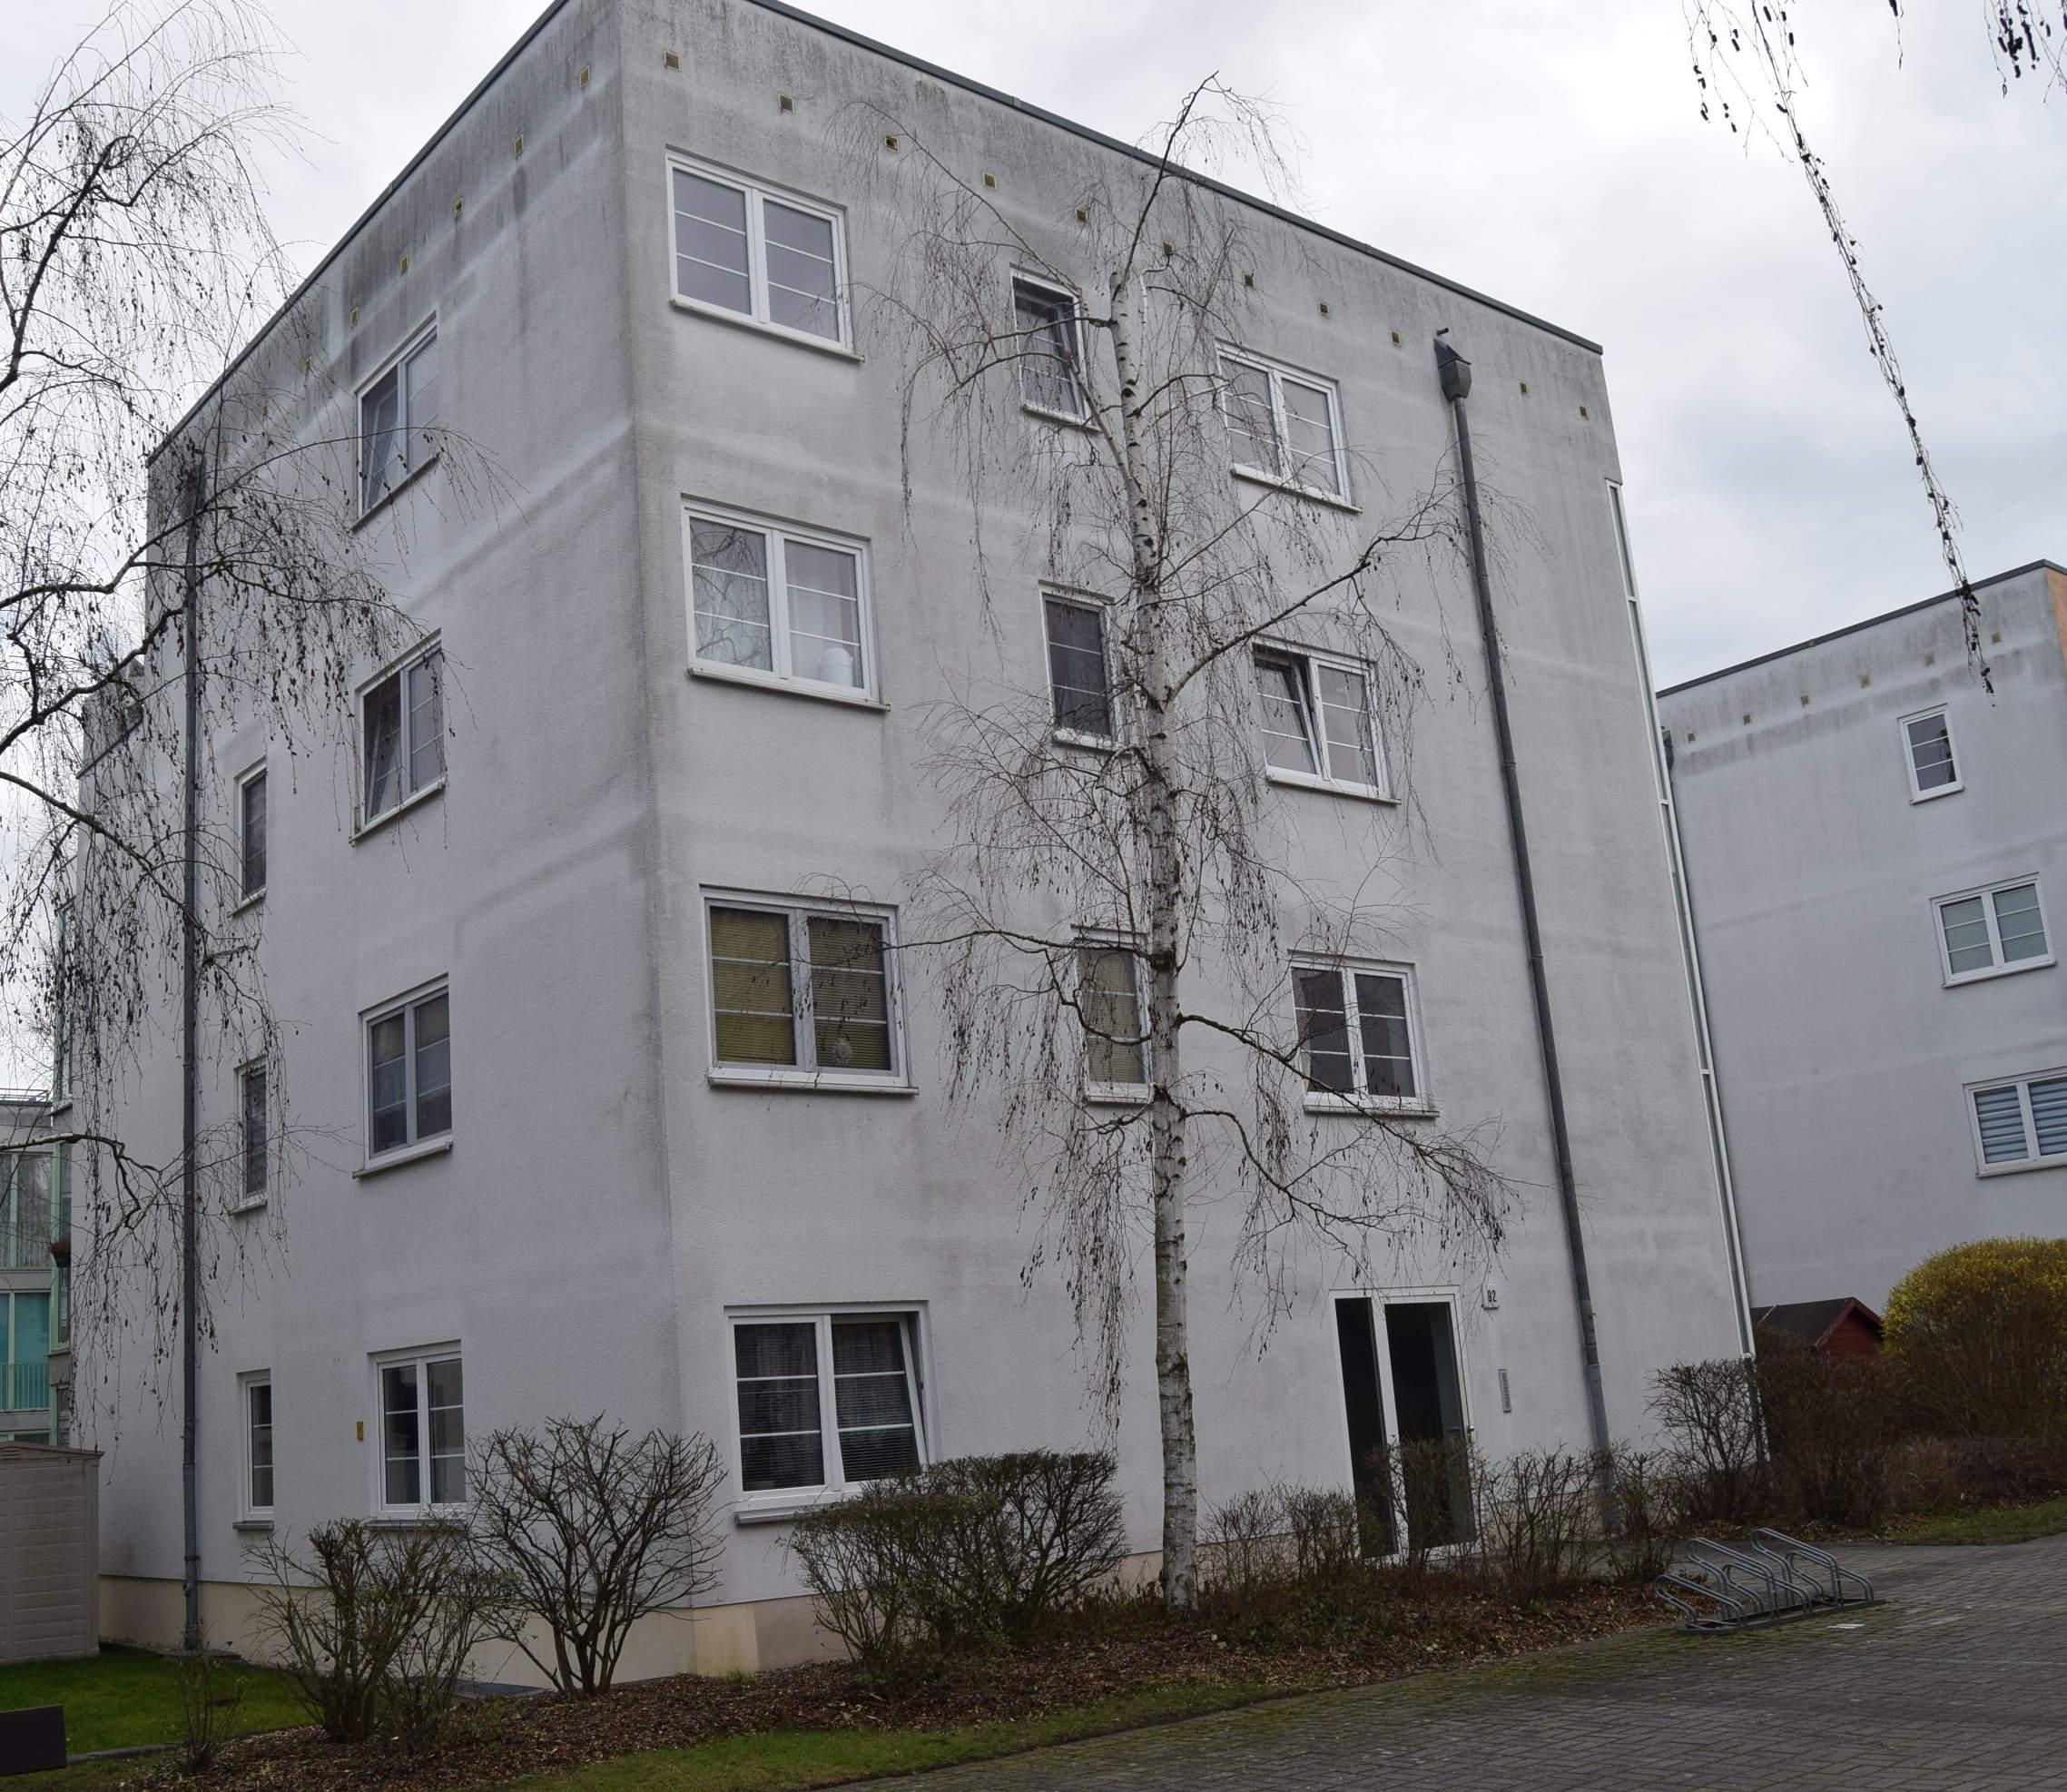 Verkauf Wohnung in der Parksiedlung Spruch Berlin Buckow